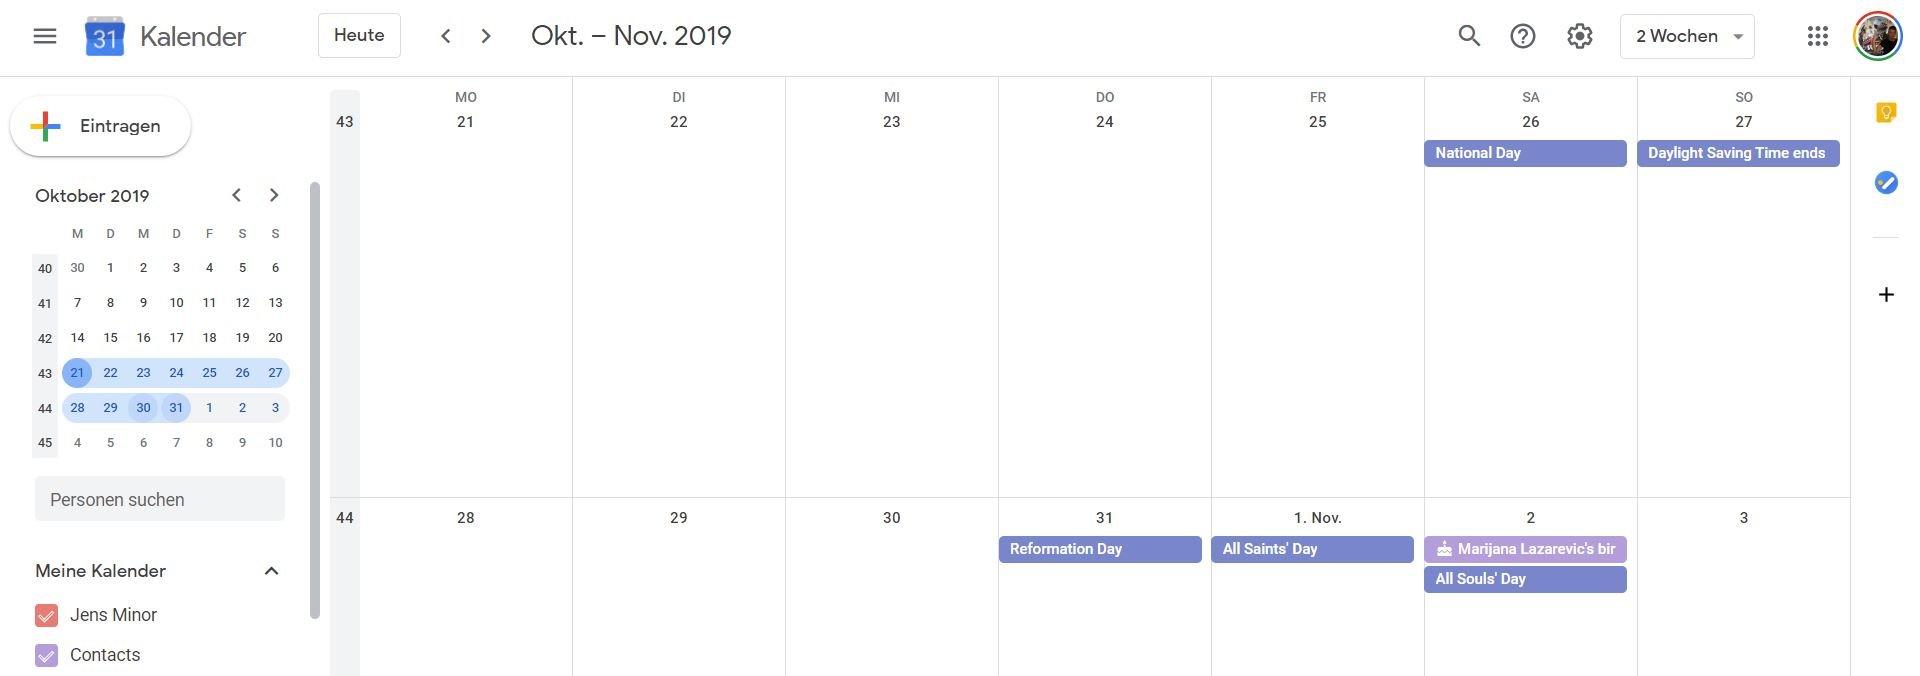 google kalender wochenauswahl